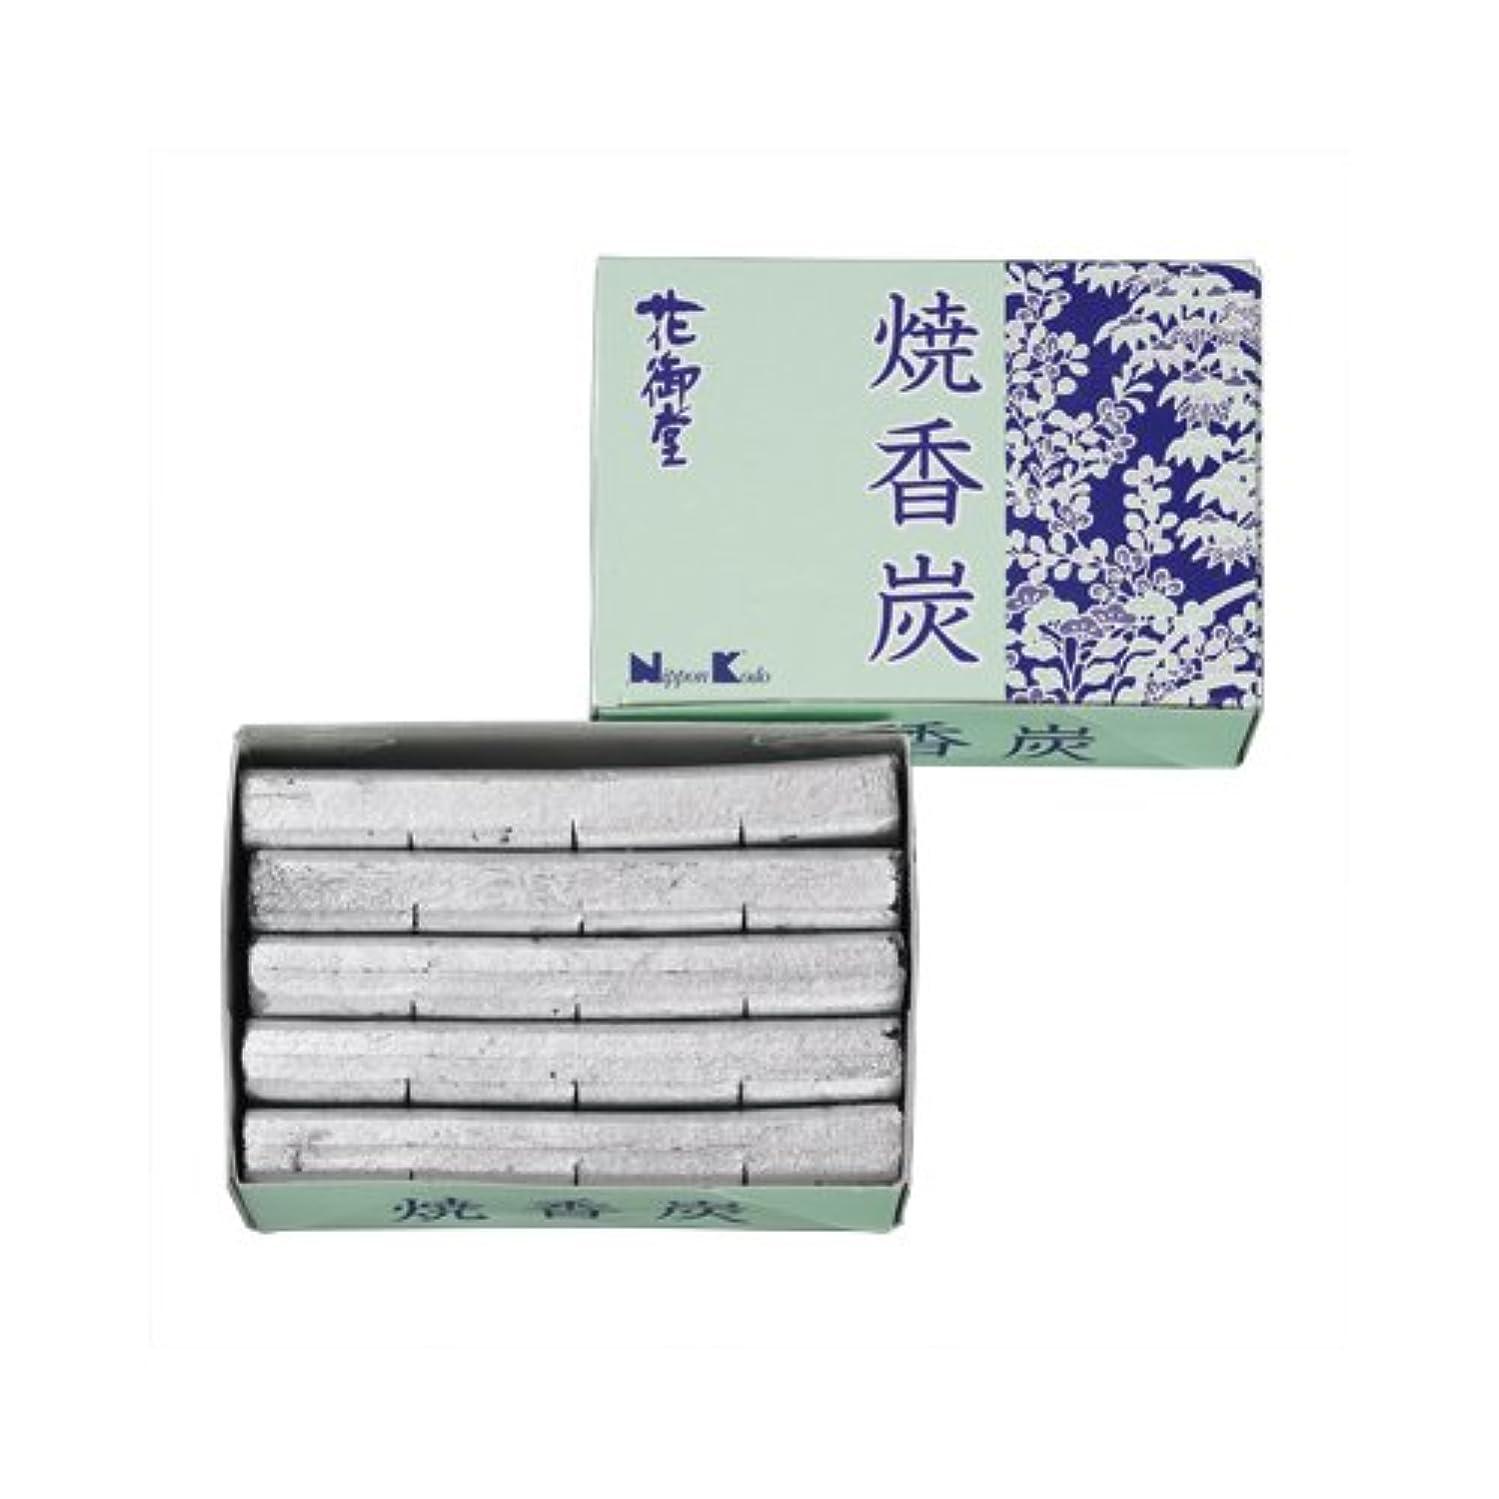 ペインコマンド支払い花御堂 焼香炭 #92011